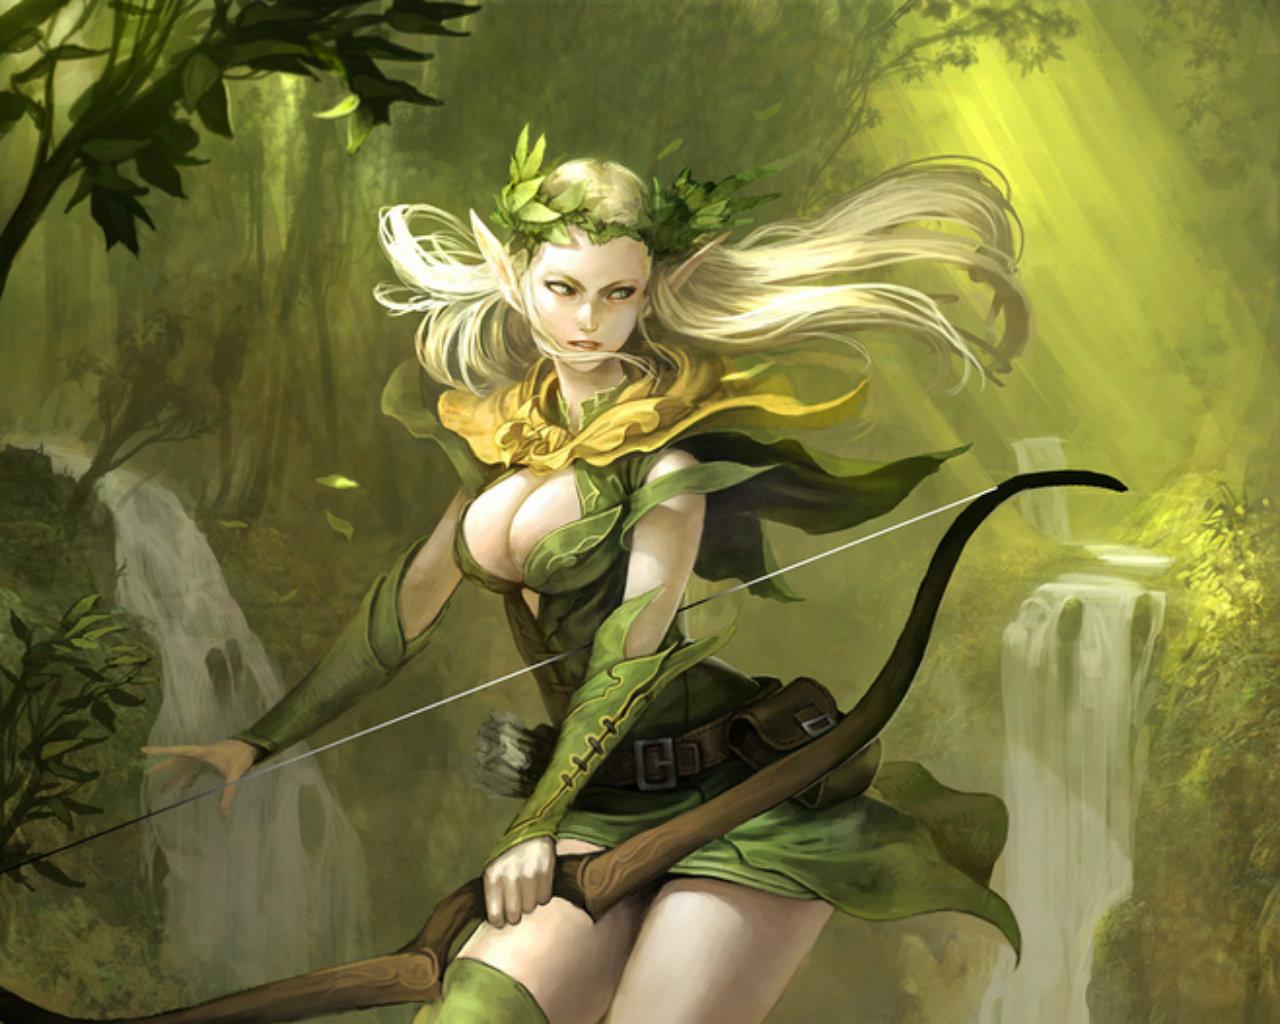 Nue elfe nude scenes